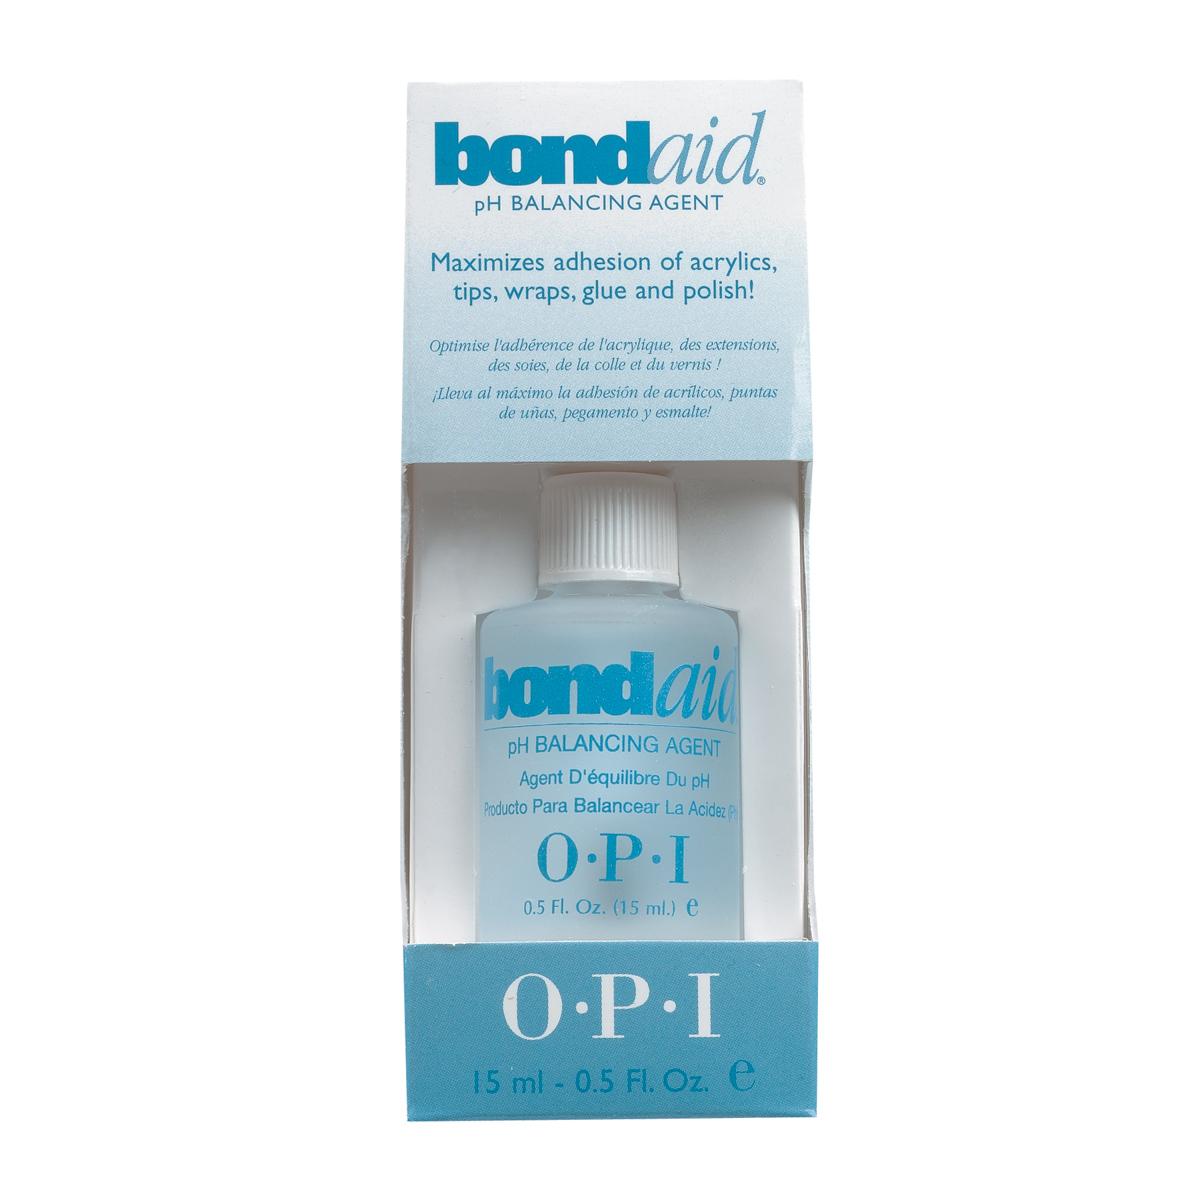 OPI Грунтовка-восстановитель ph баланса ногтя / Bond-Aid 15мл -  Базовые покрытия